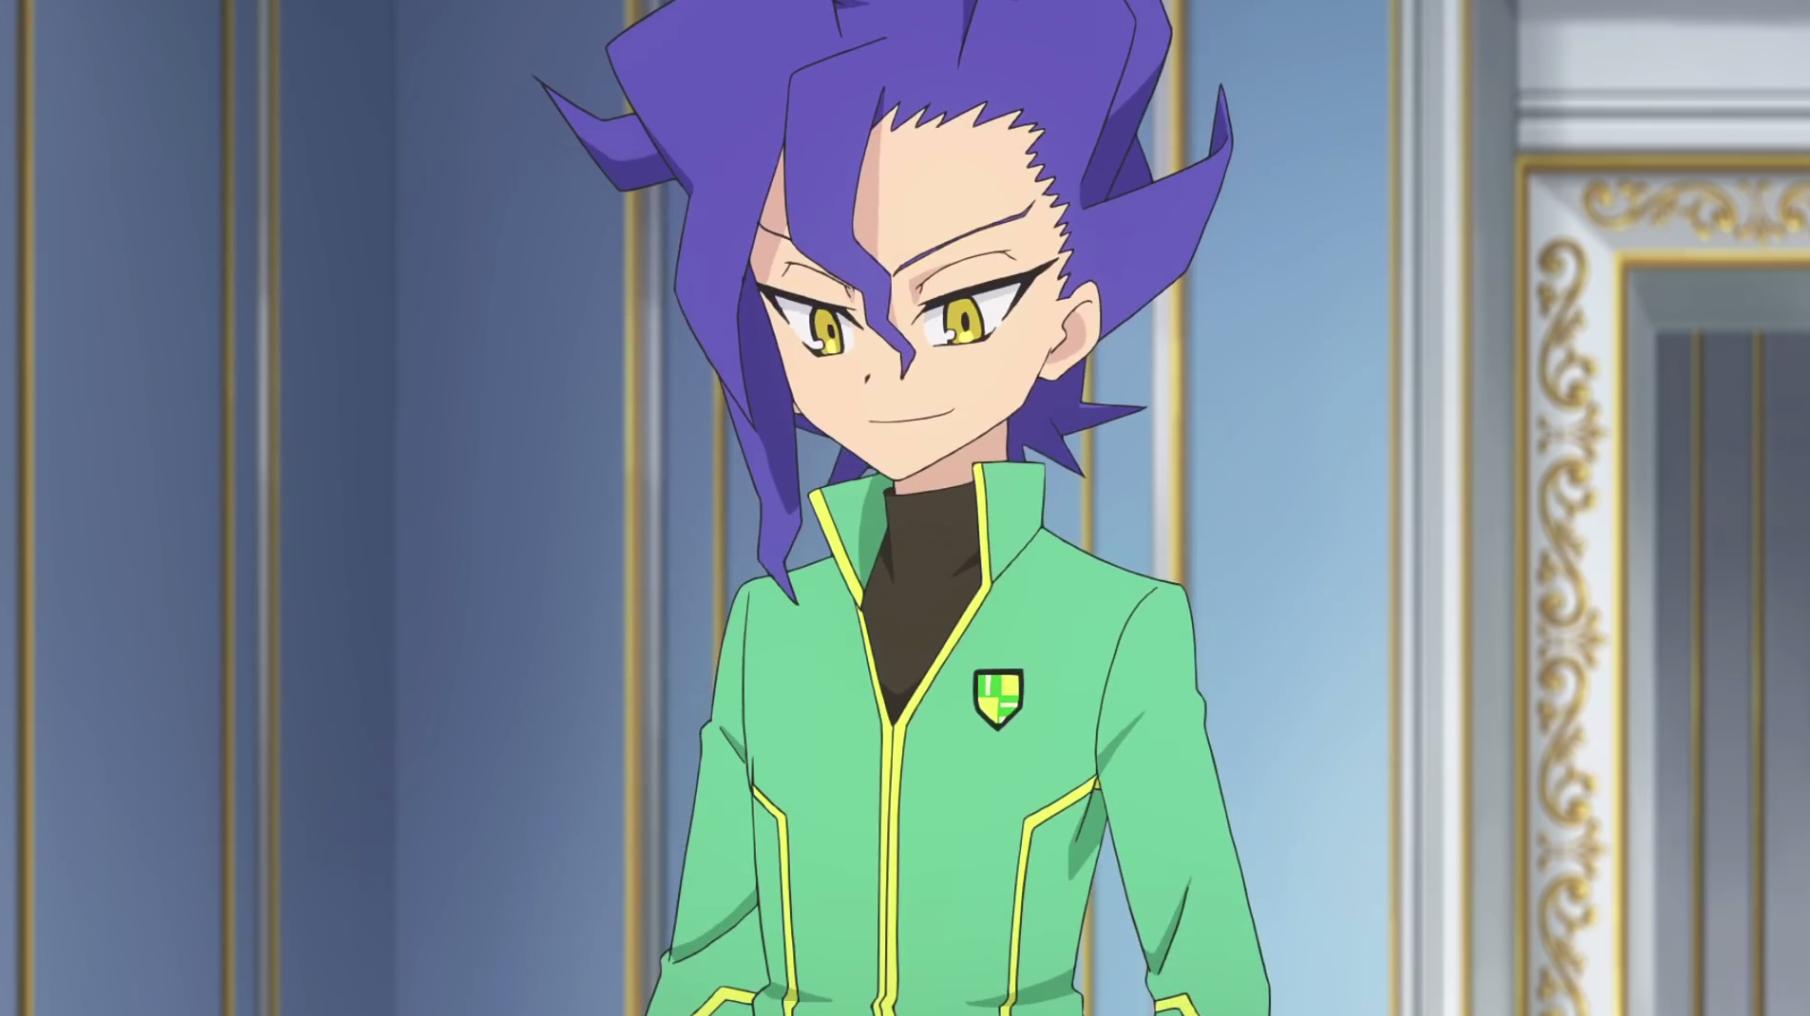 Seiji Kido